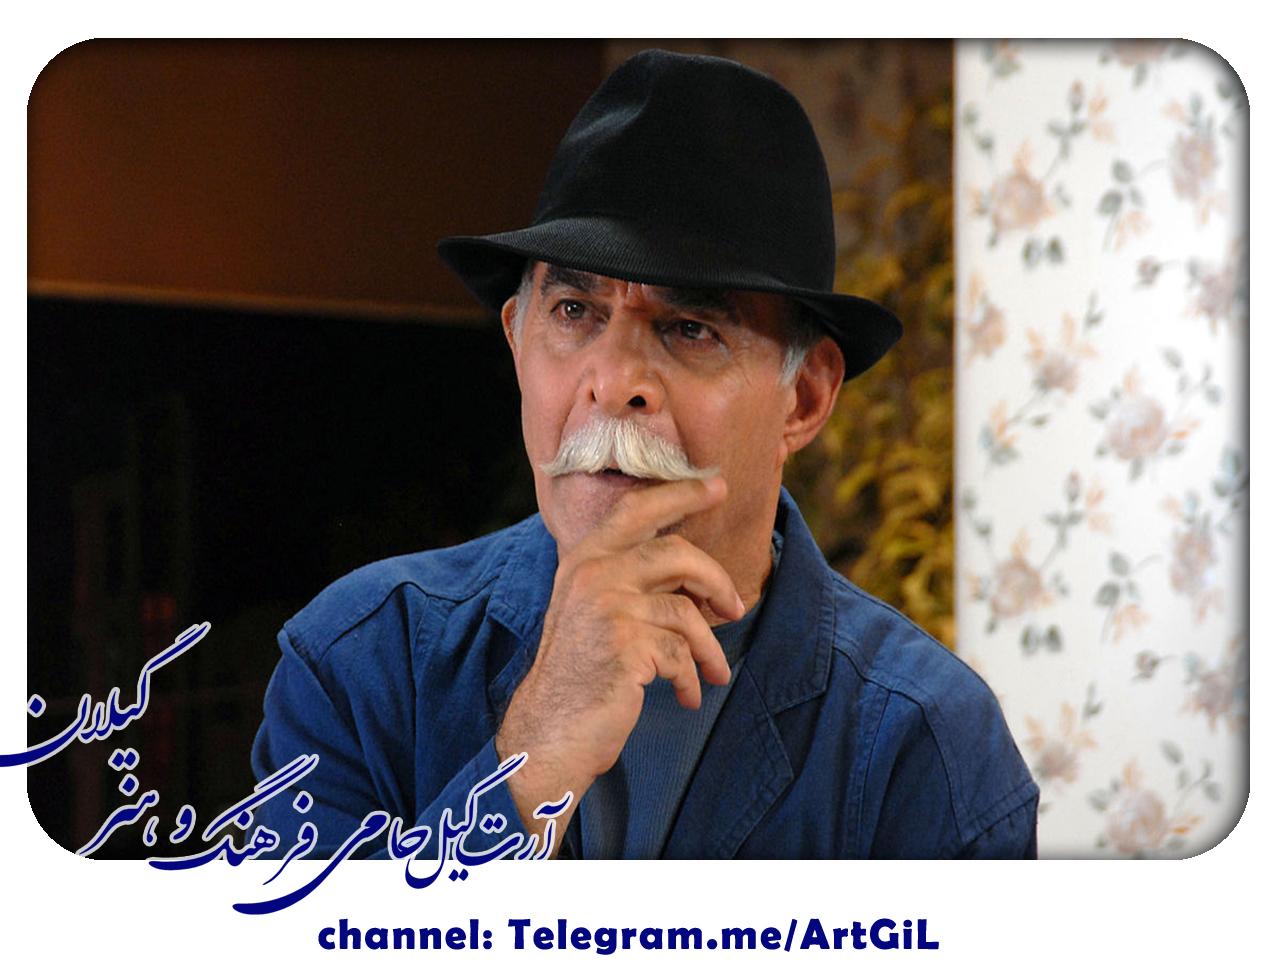 بیوگرافی سیروس گرجستانی (بازیگر)